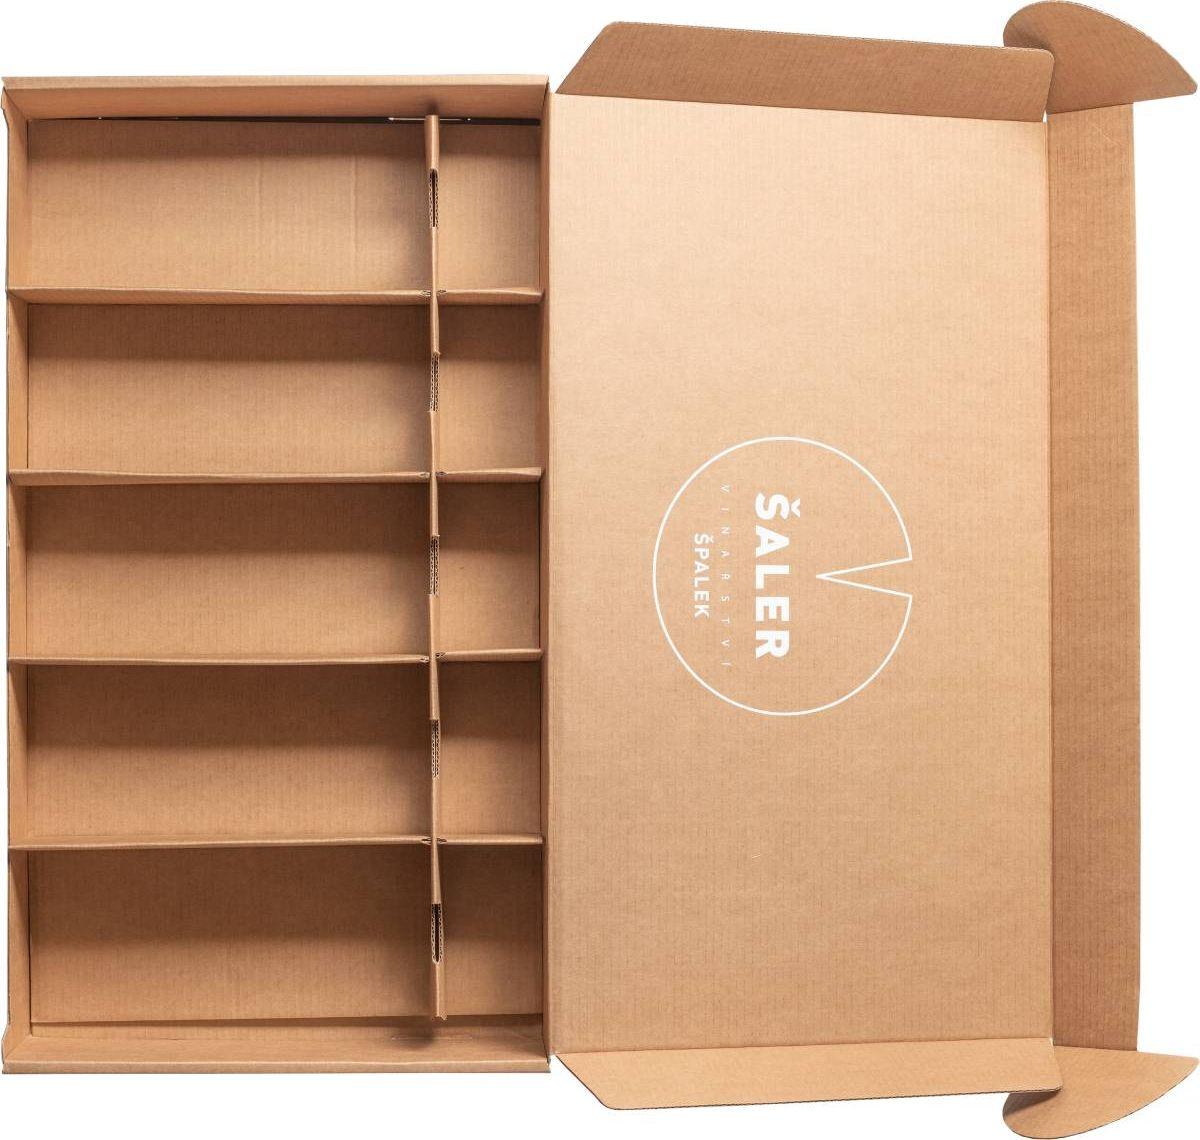 spalek-krabice-prazdna.jpg